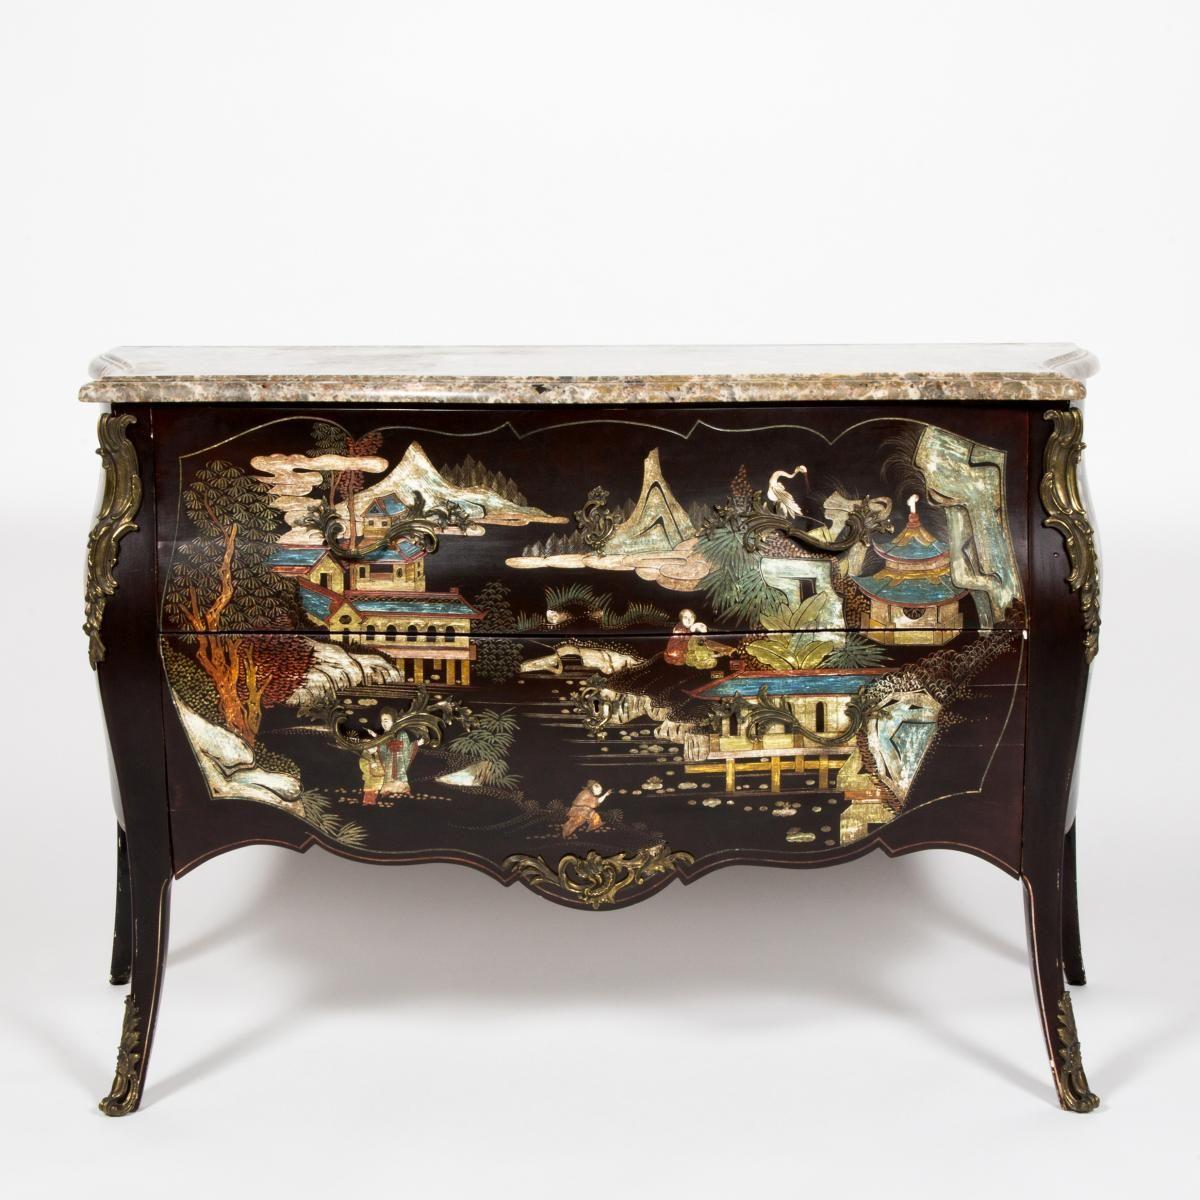 Commode En Laque De Coromandel 19th Century For Sale On Proantic By Antiquites Rodriguez Decoration Mobilier Ancien Commode Mobilier